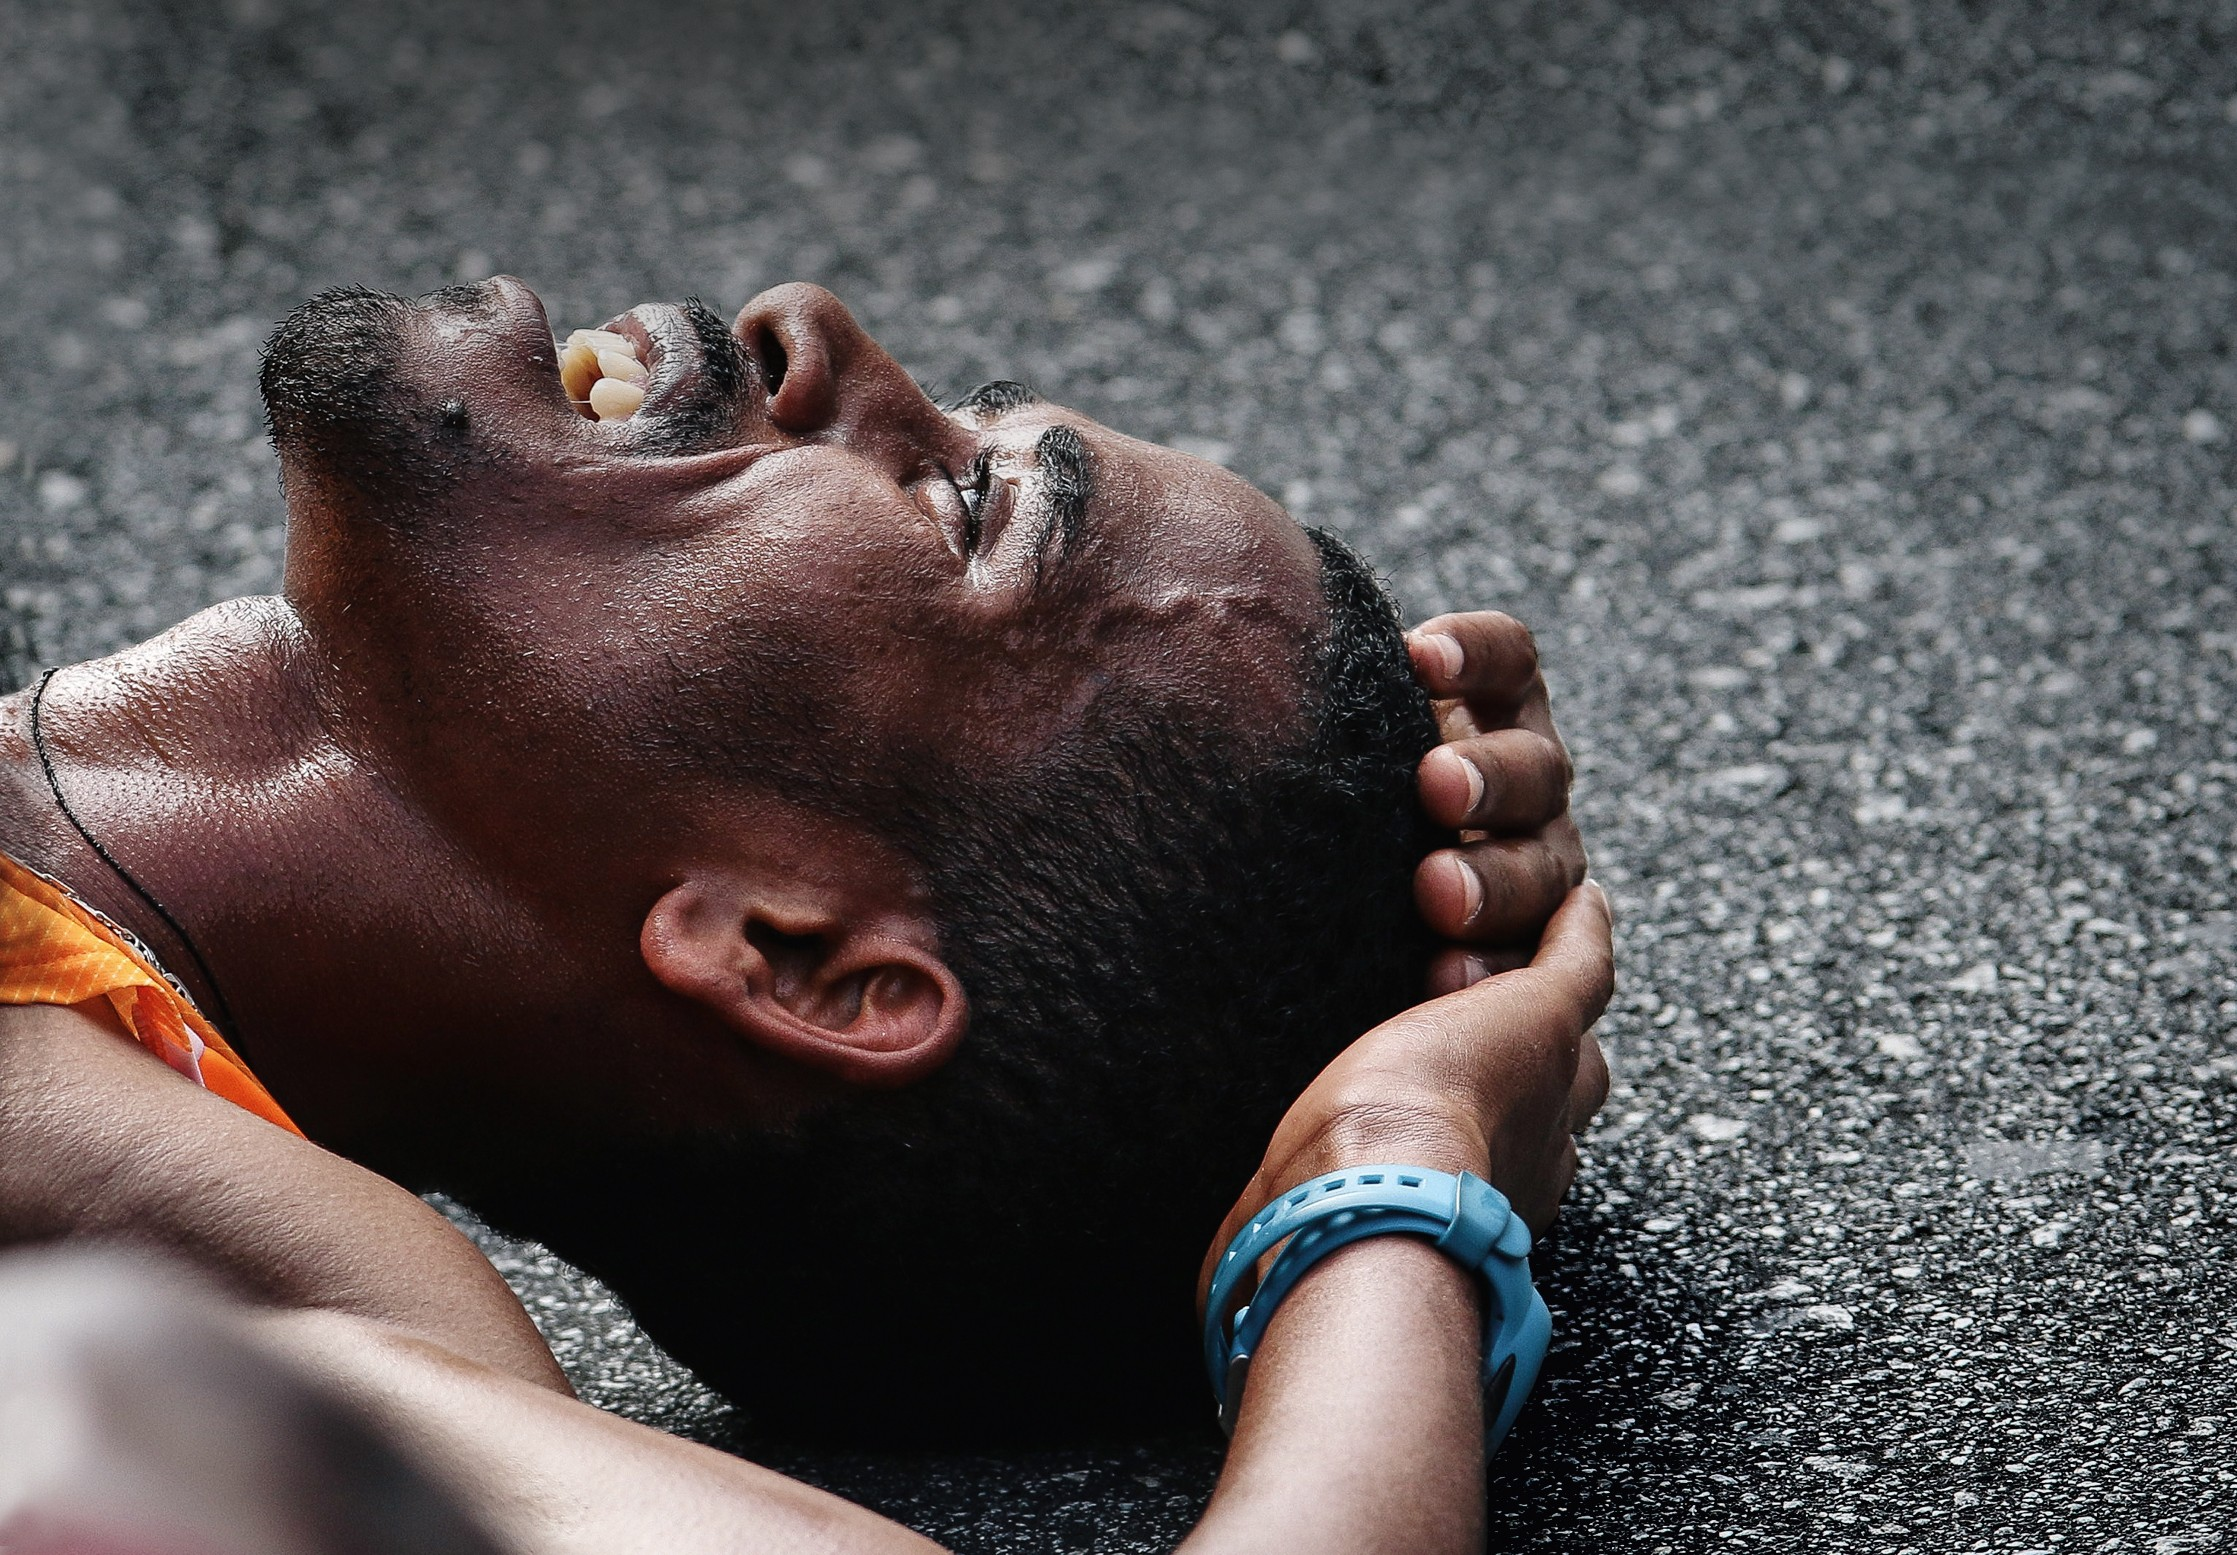 Etíope Dawit Fikadu Admasu, vencedor da corrida de São Silvestre em 2014: alterações em certos genes de africanos favoreceriam performance em provas de resistência